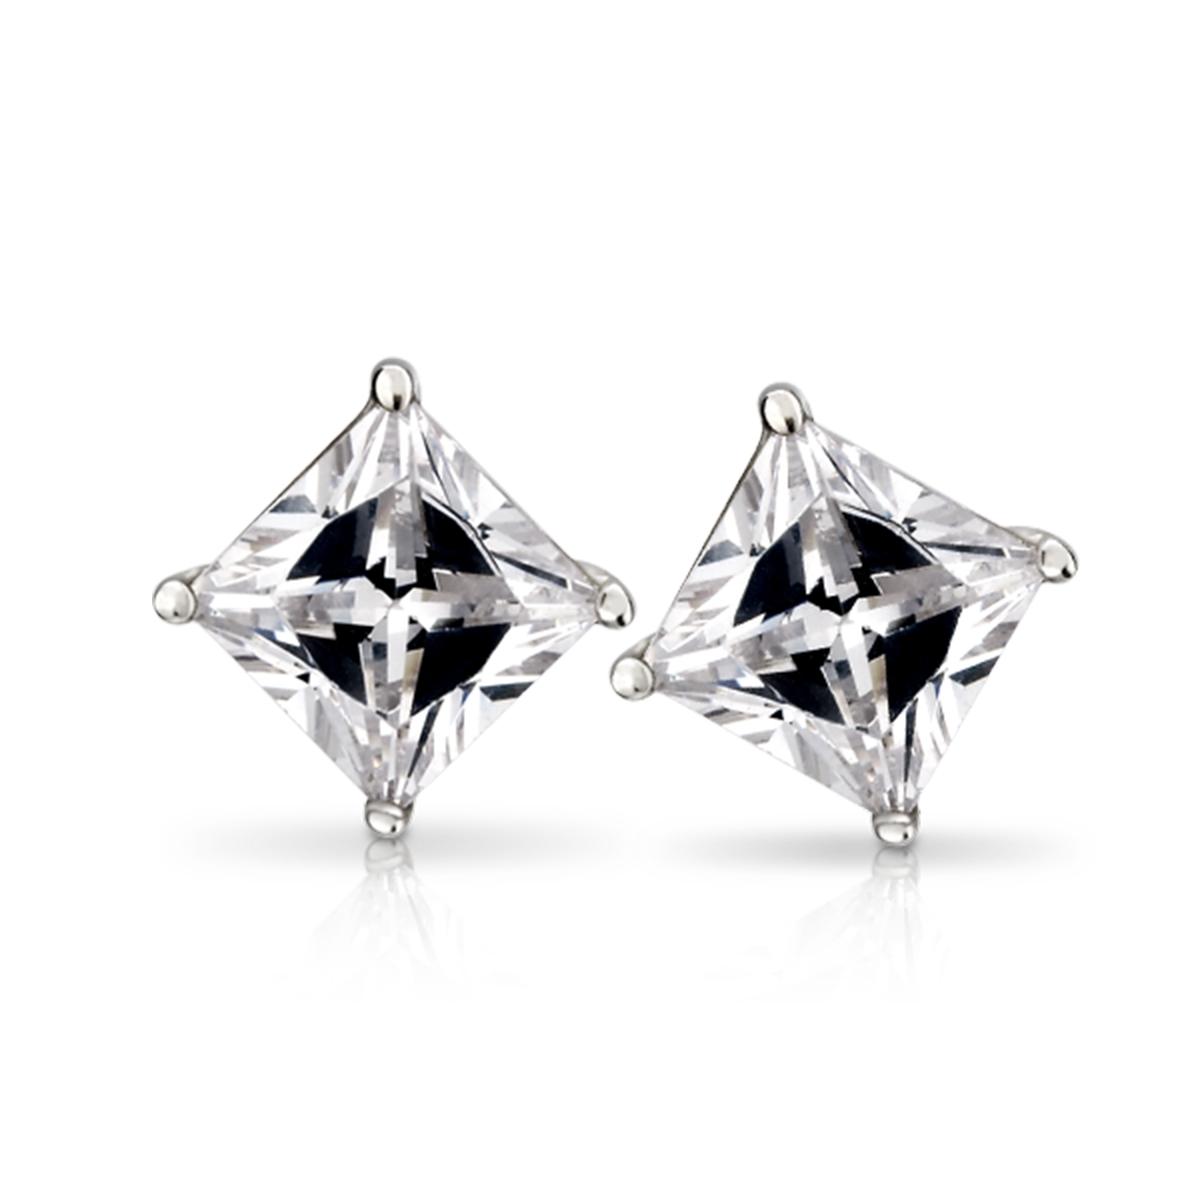 ED2 方晶鋯石耳環/一對販售